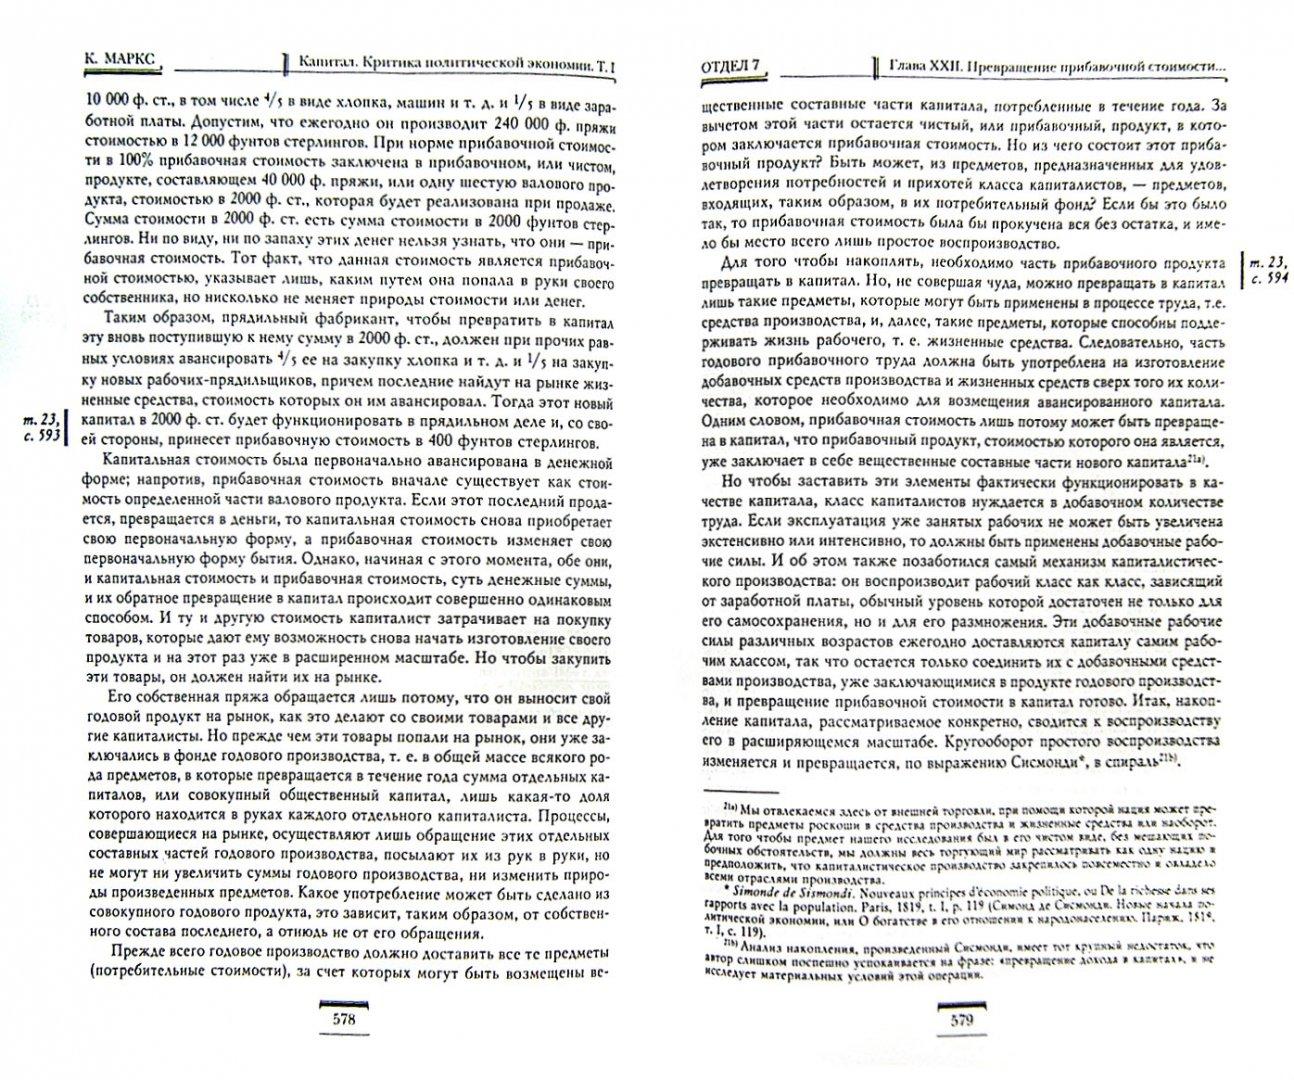 Иллюстрация 1 из 17 для Капитал. Критика политической экономии. Том 1. Процесс производства капитала - Карл Маркс   Лабиринт - книги. Источник: Лабиринт